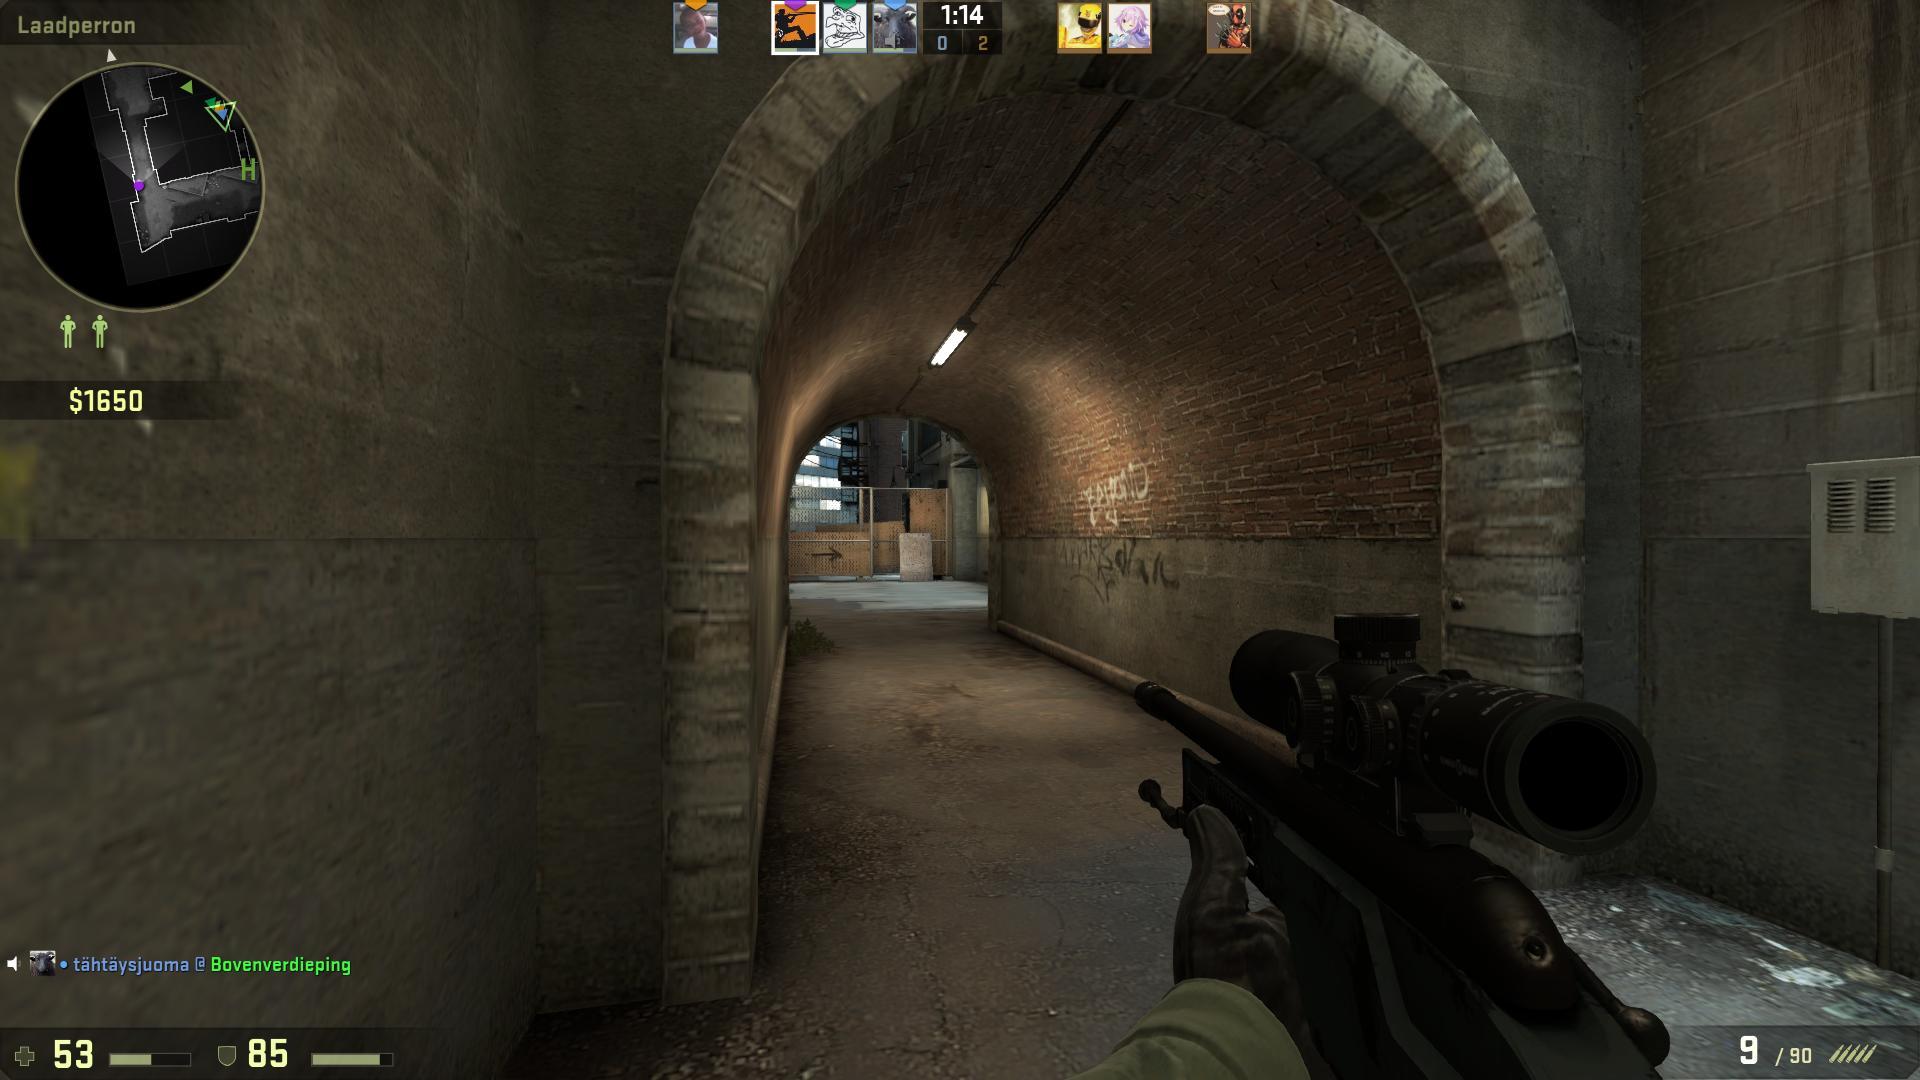 how to see cs screenshots